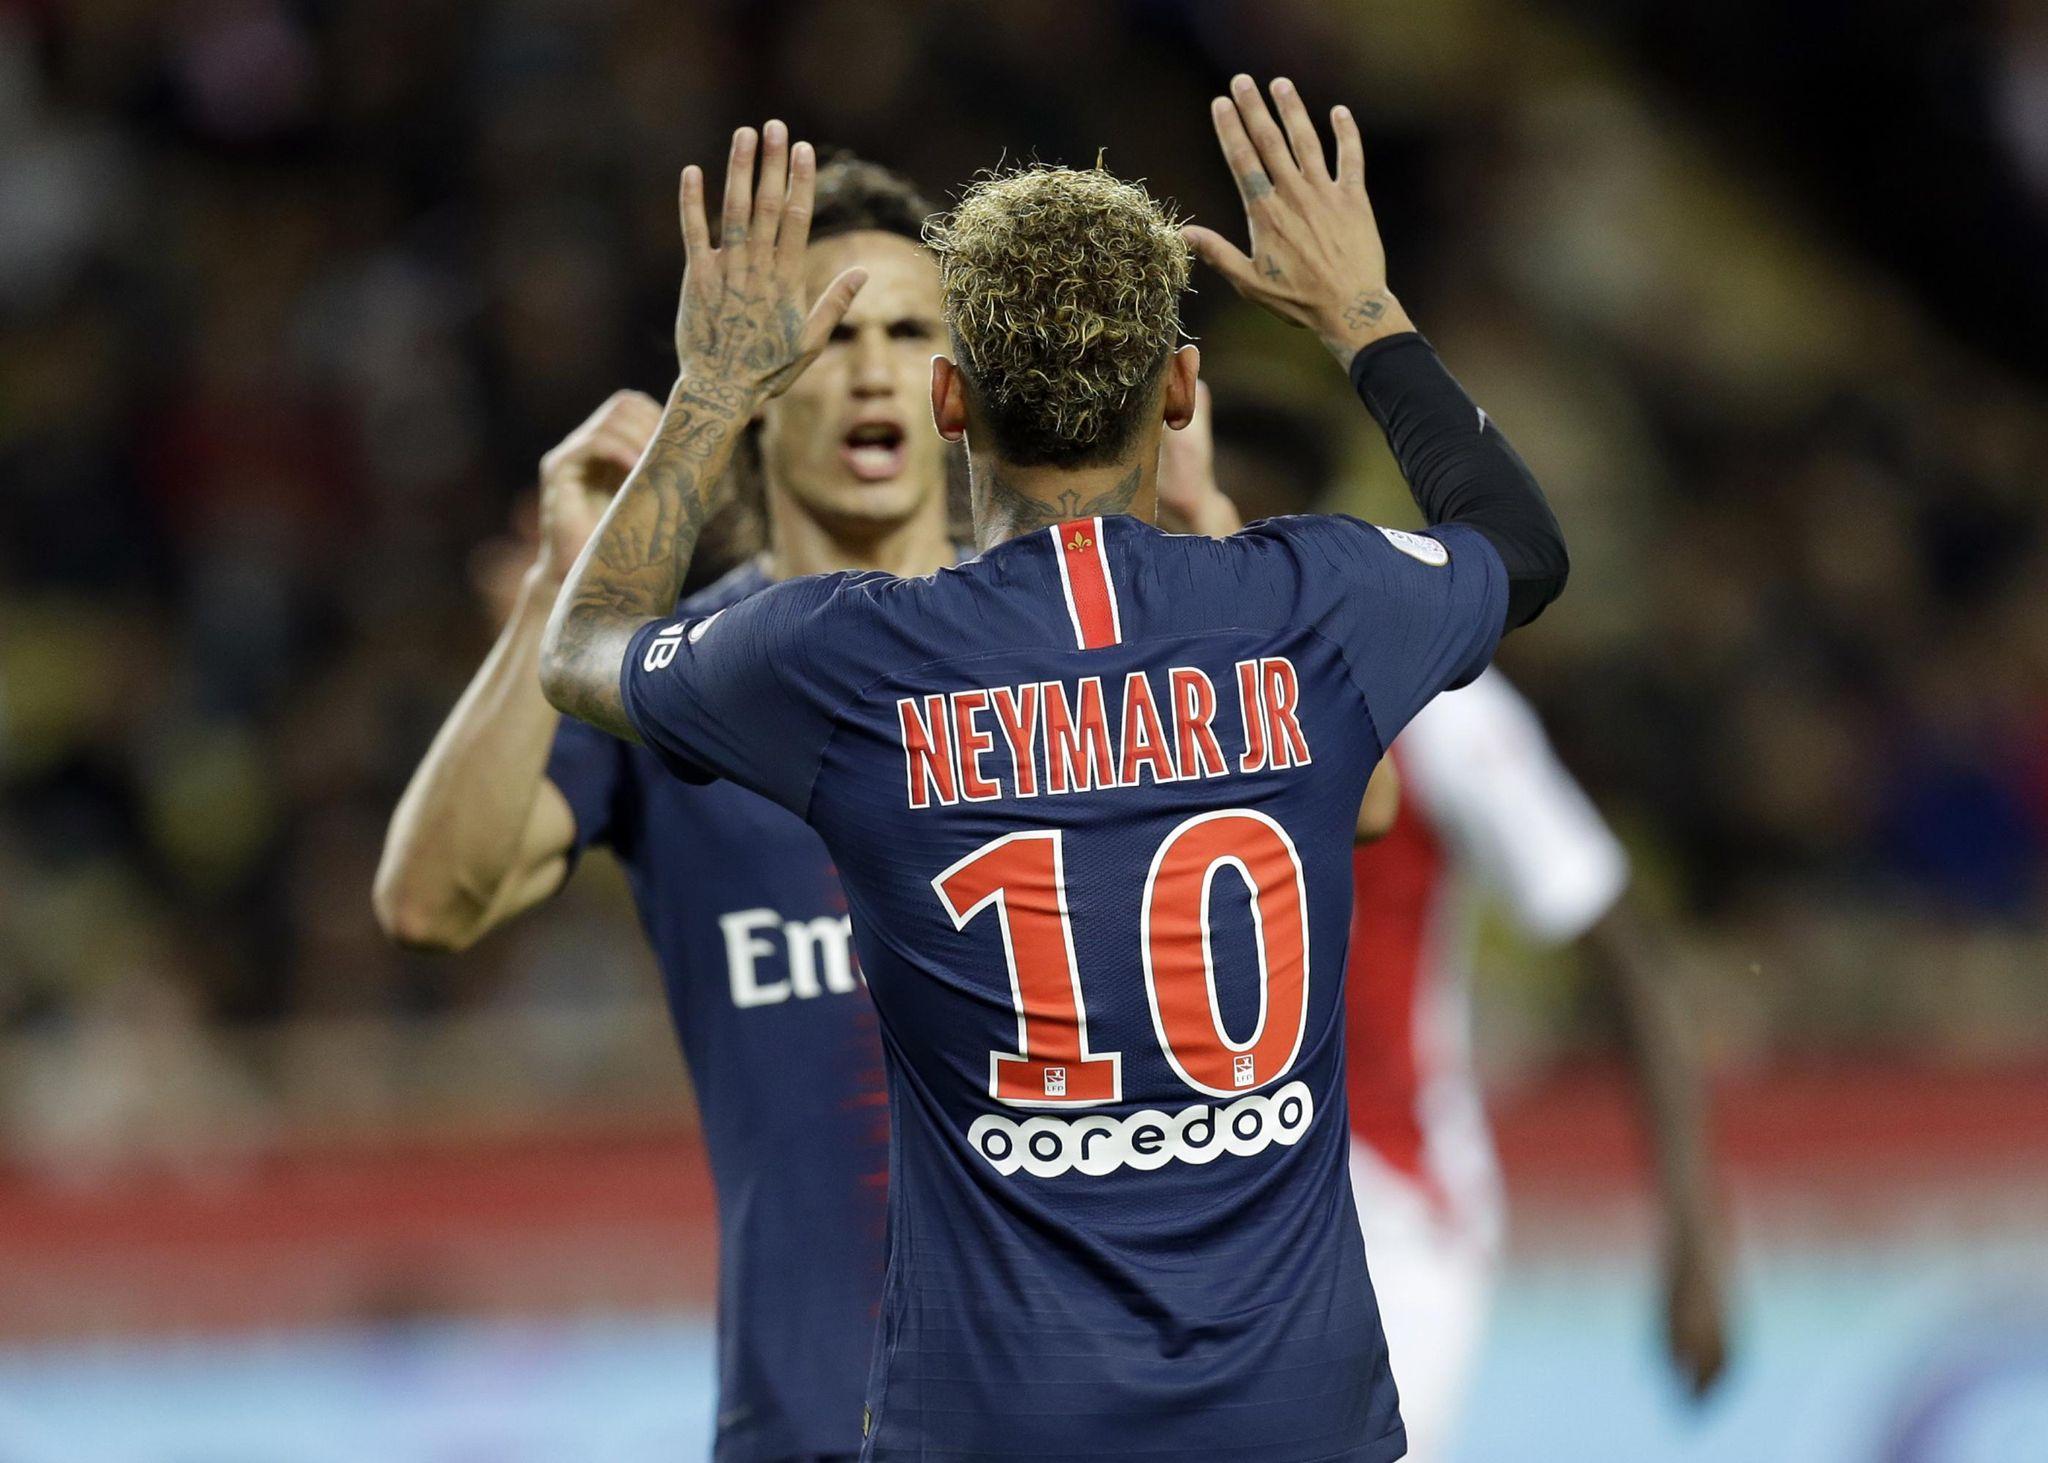 France_soccer_league_one_44473_s2048x1463